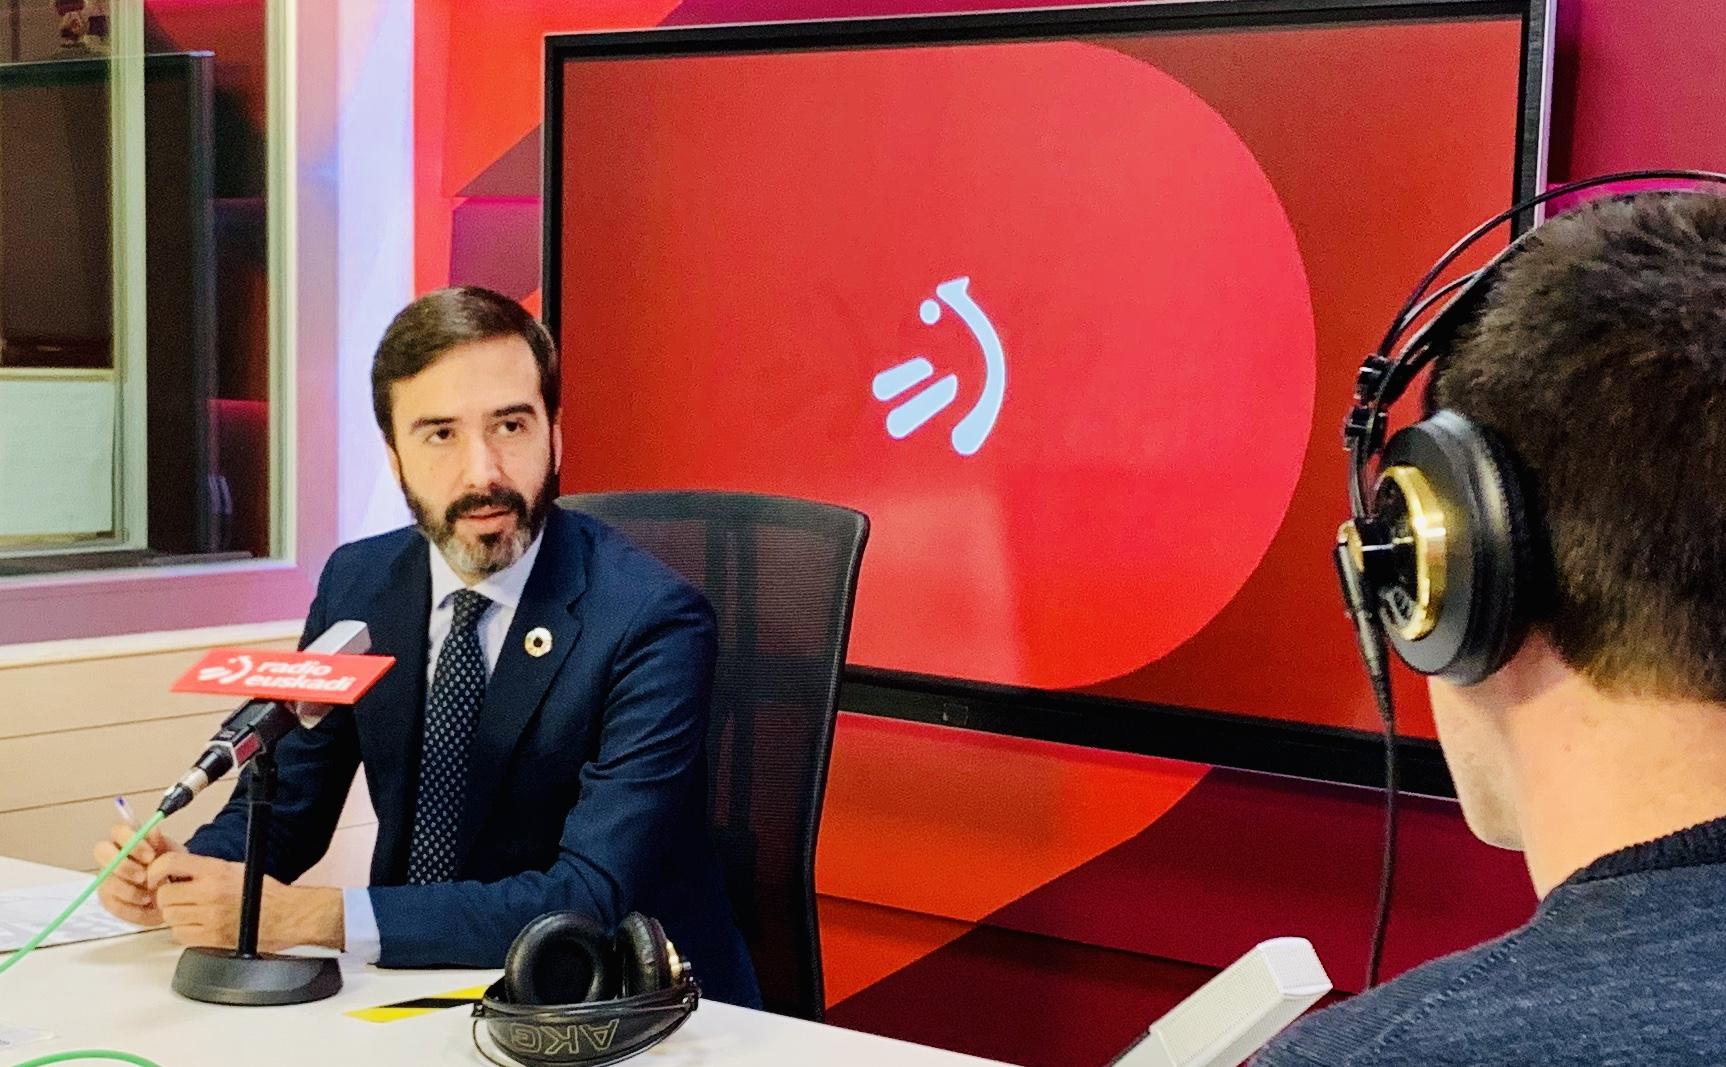 Javier Hurtado Turismo, Merkataritza eta Kontsumoko sailburuari elkarrizketa egin diote Radio Euskadiren Boulevard programan. [0:00]